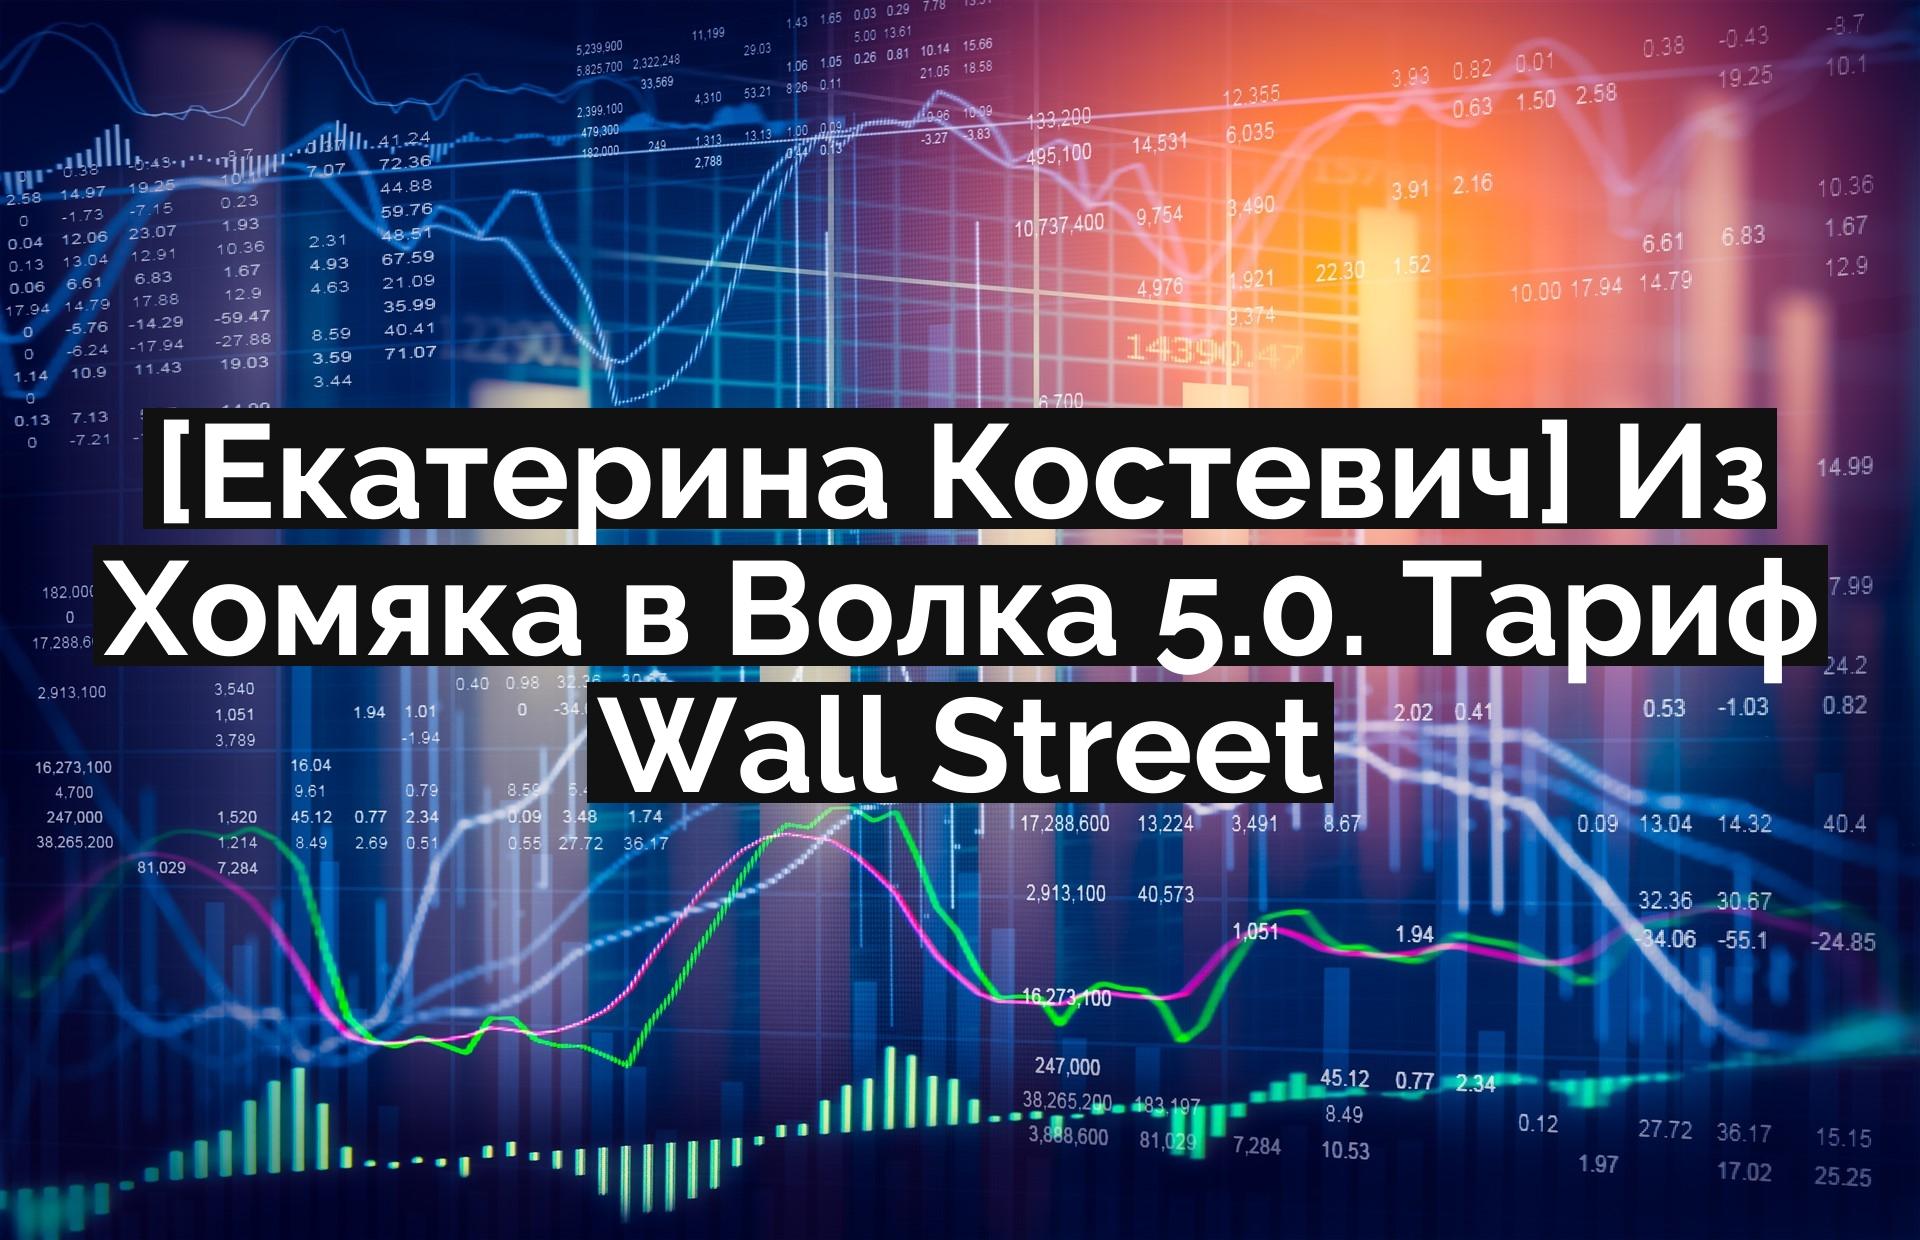 [Екатерина Костевич] Из Хомяка в Волка 5.0. Тариф Wall Street